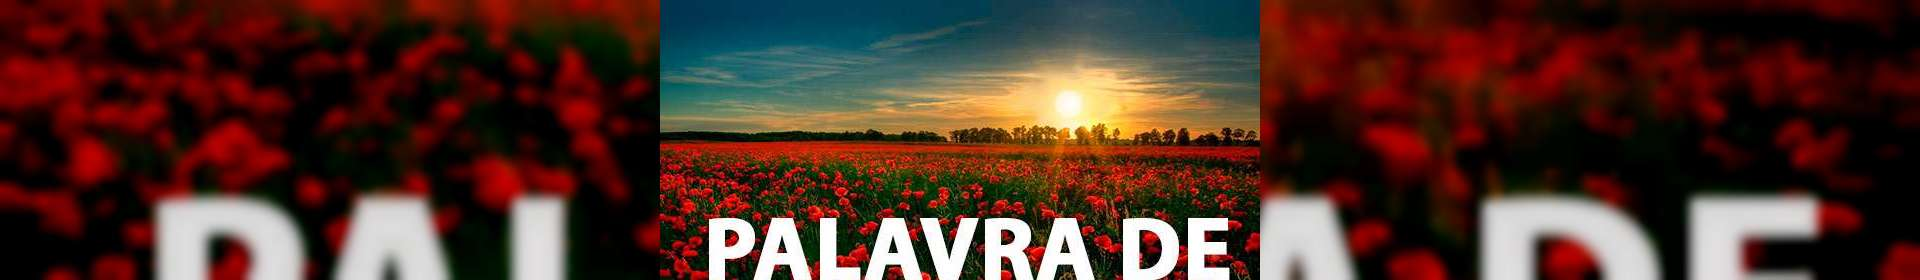 Salmos 119:62 - Uma Palavra de Esperança para sua vida